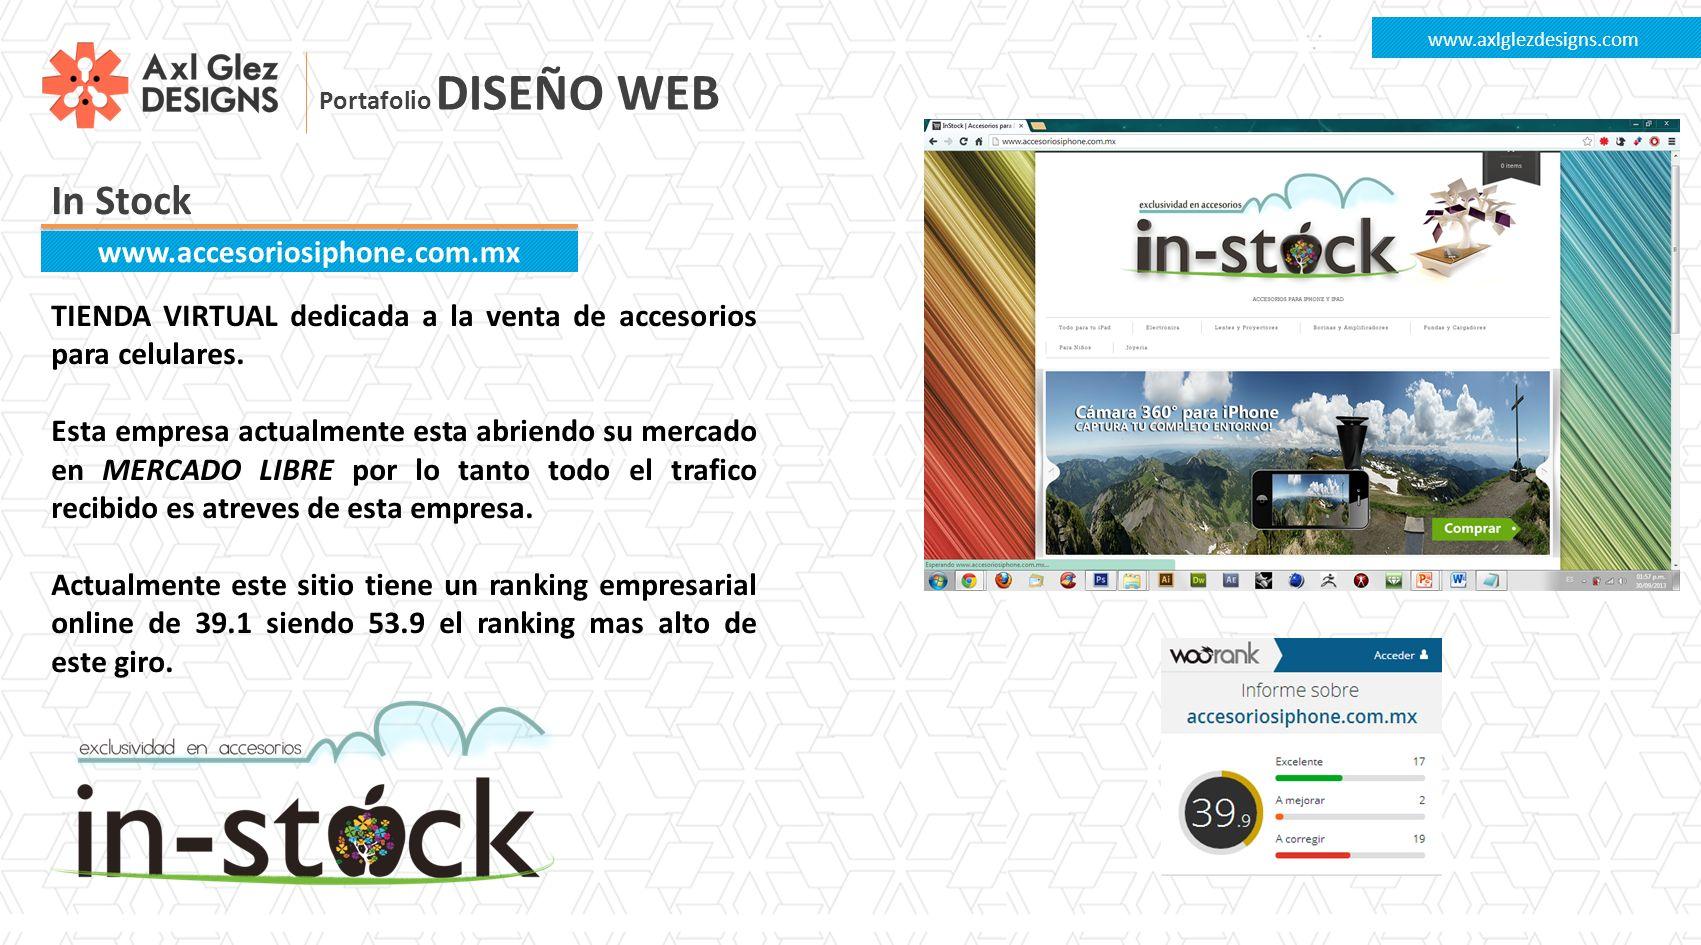 In Stock www.axlglezdesigns.com www.accesoriosiphone.com.mx TIENDA VIRTUAL dedicada a la venta de accesorios para celulares.